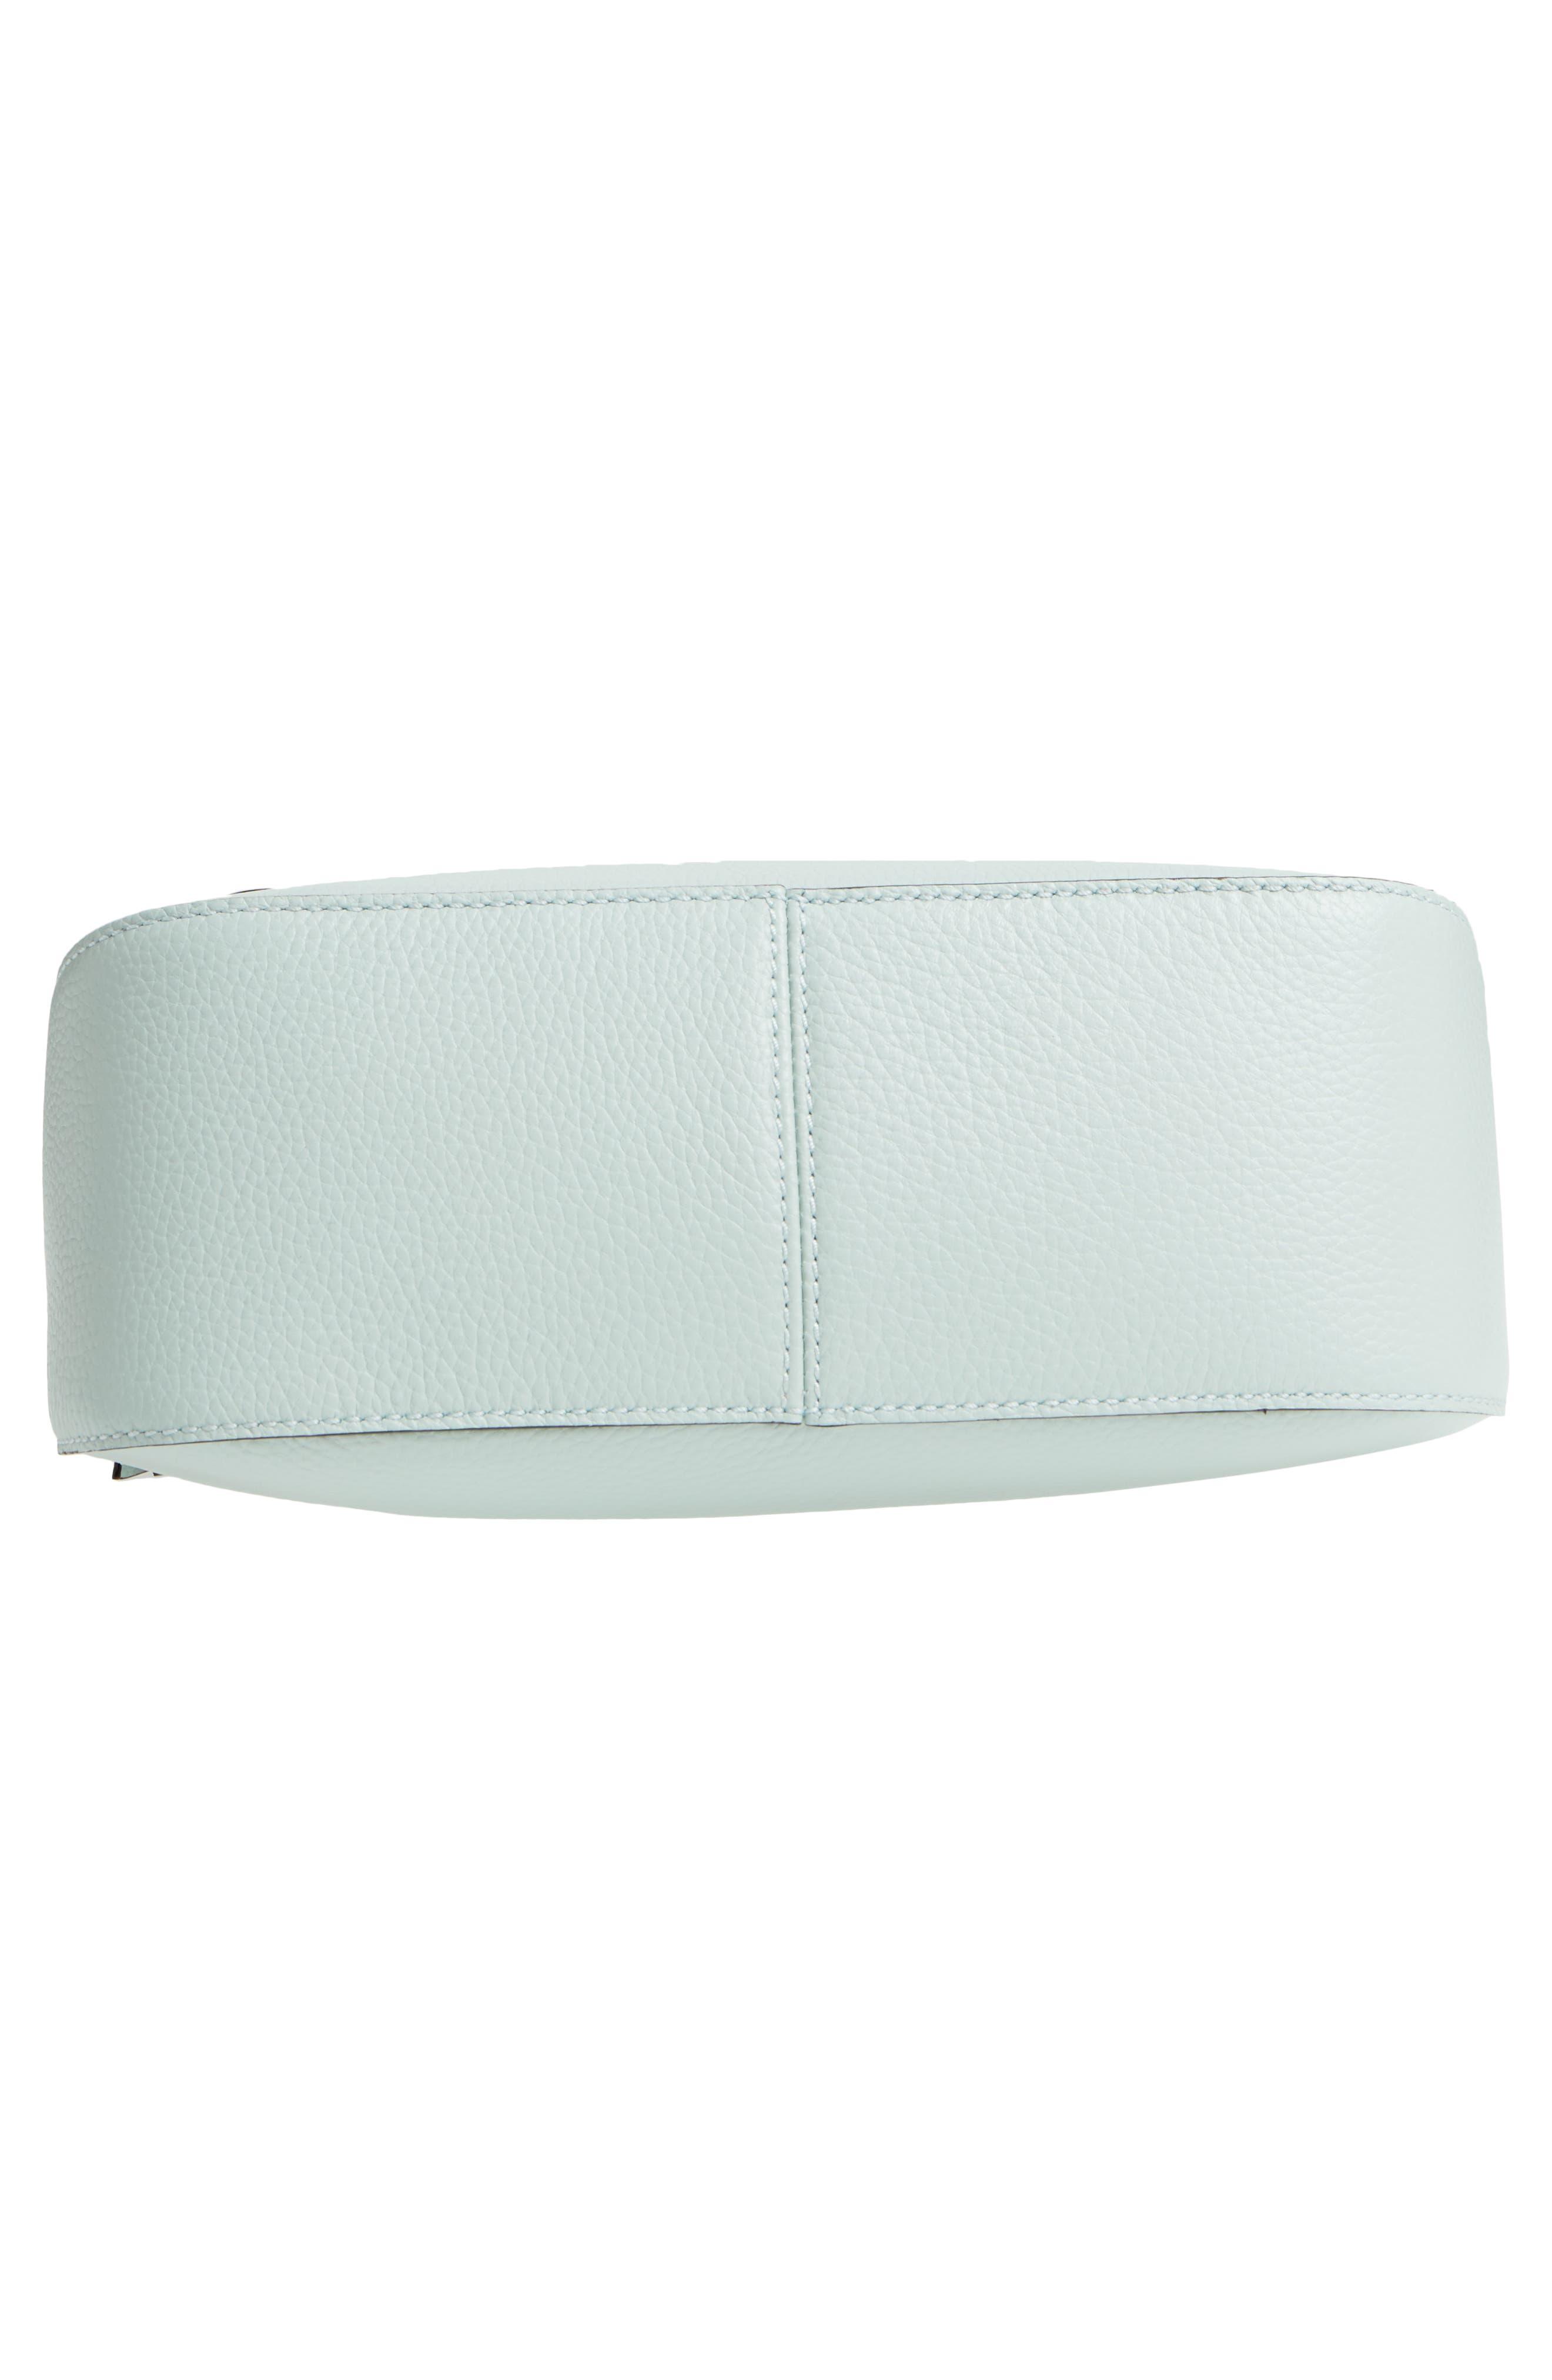 jackson street - colette leather satchel,                             Alternate thumbnail 6, color,                             Misty Mint